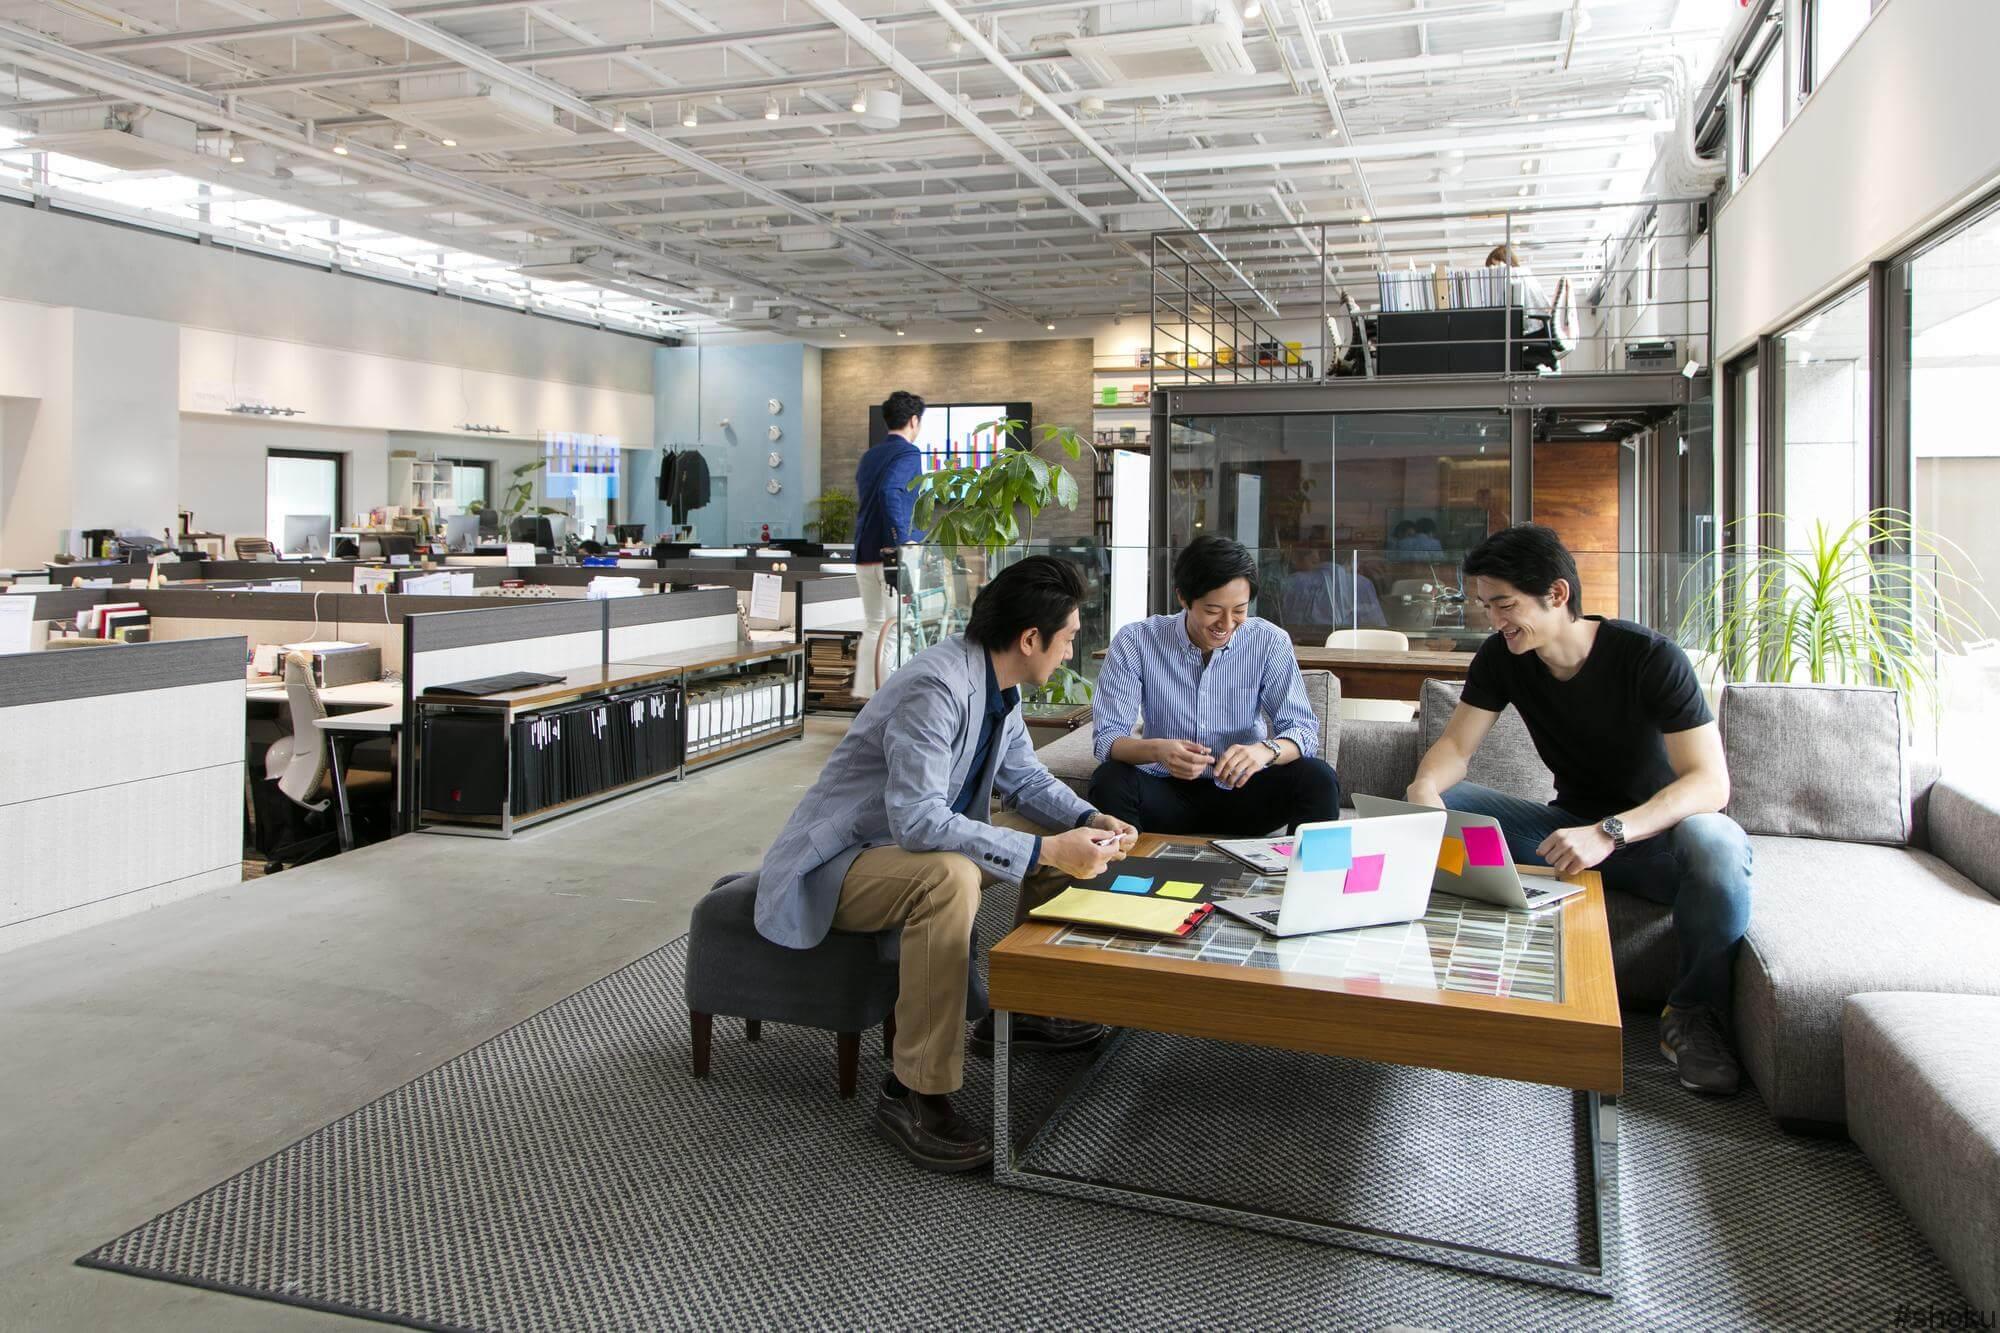 デザイナー・クリエイティブ専門の転職サイト